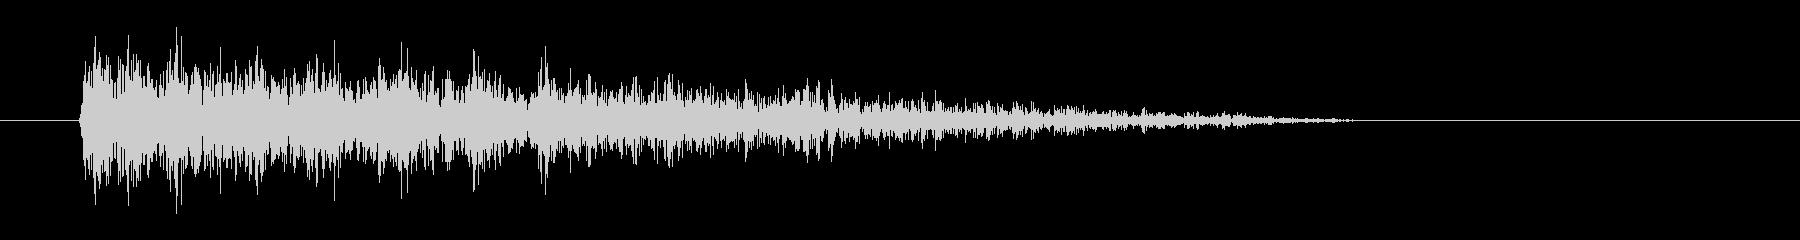 レーザー音-39-3の未再生の波形